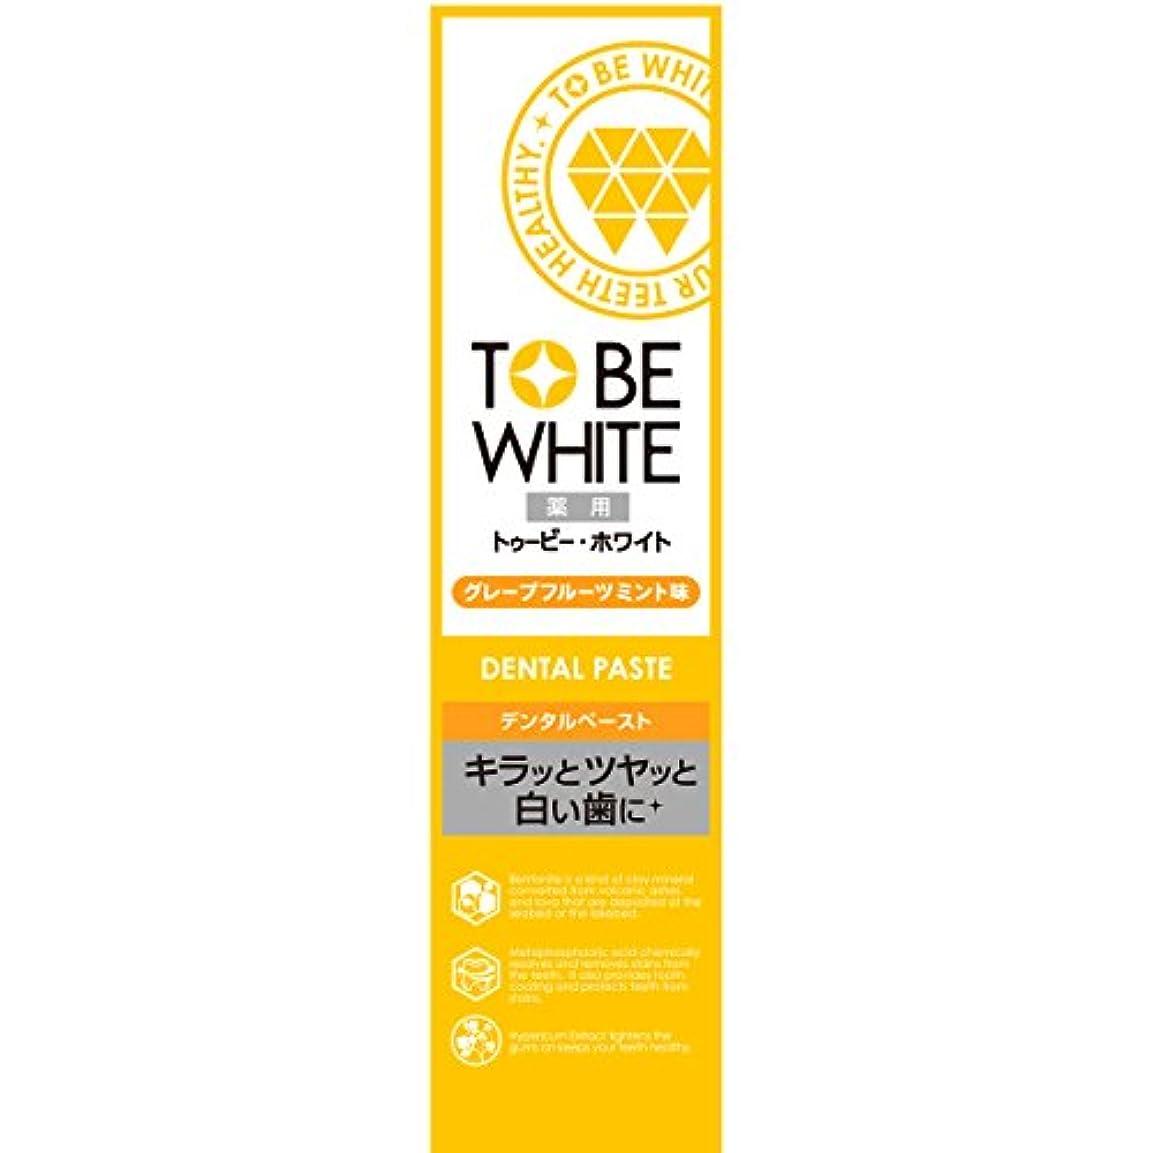 取り扱い簡単に寝てるトゥービー?ホワイト 薬用 ホワイトニング ハミガキ粉 グレープフルーツミント 味 60g 【医薬部外品】